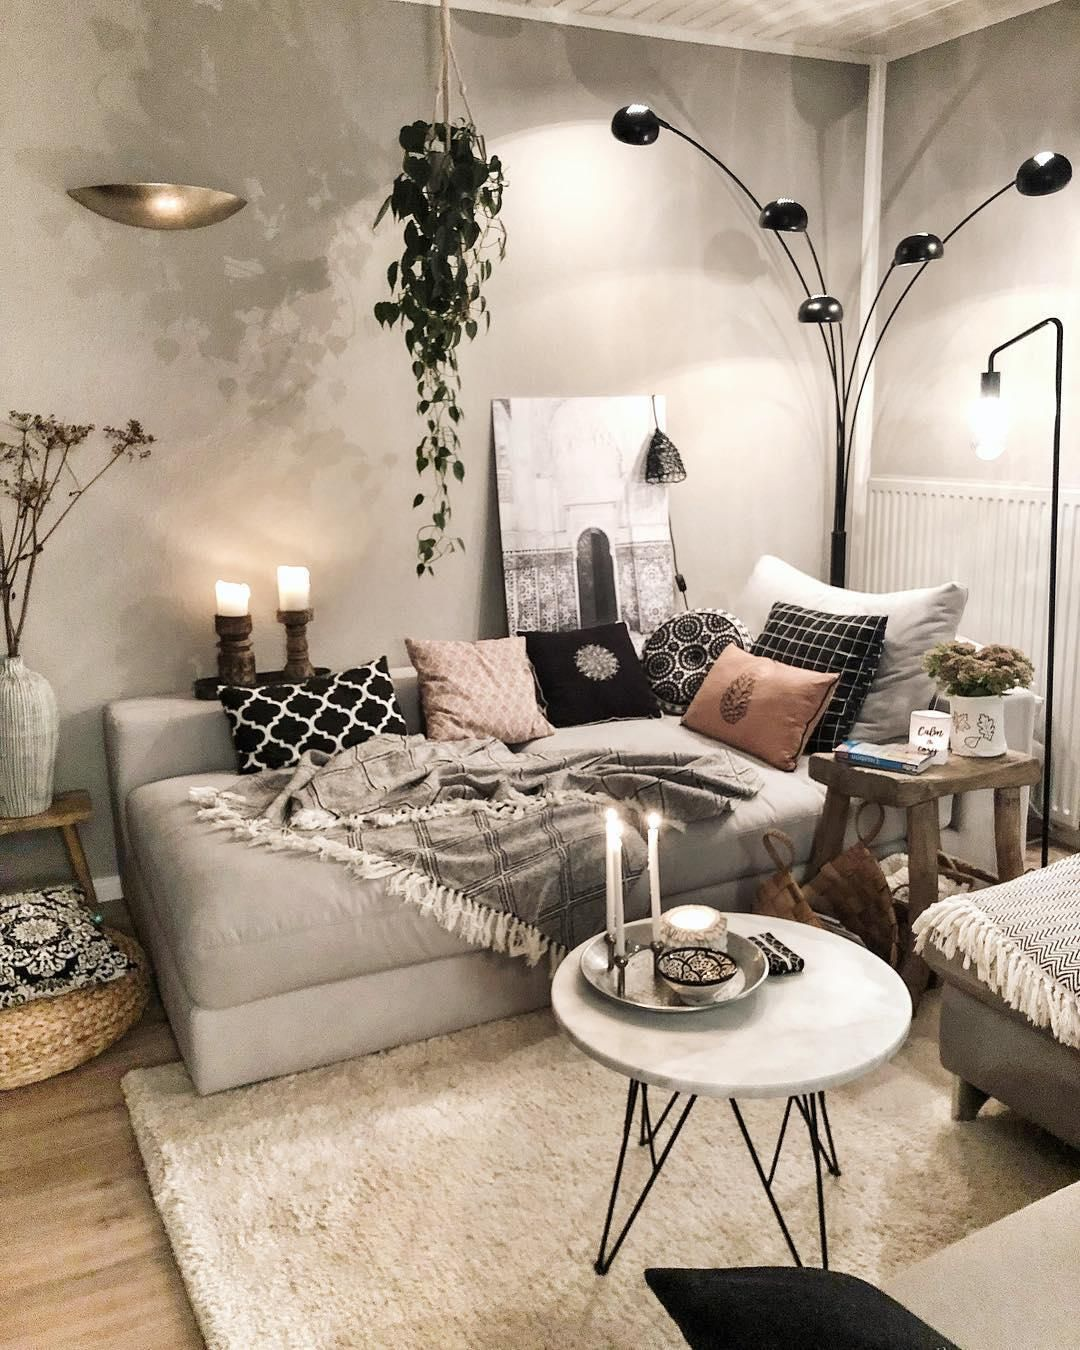 teppich wohnzimmer  Interior design living room warm, Interior